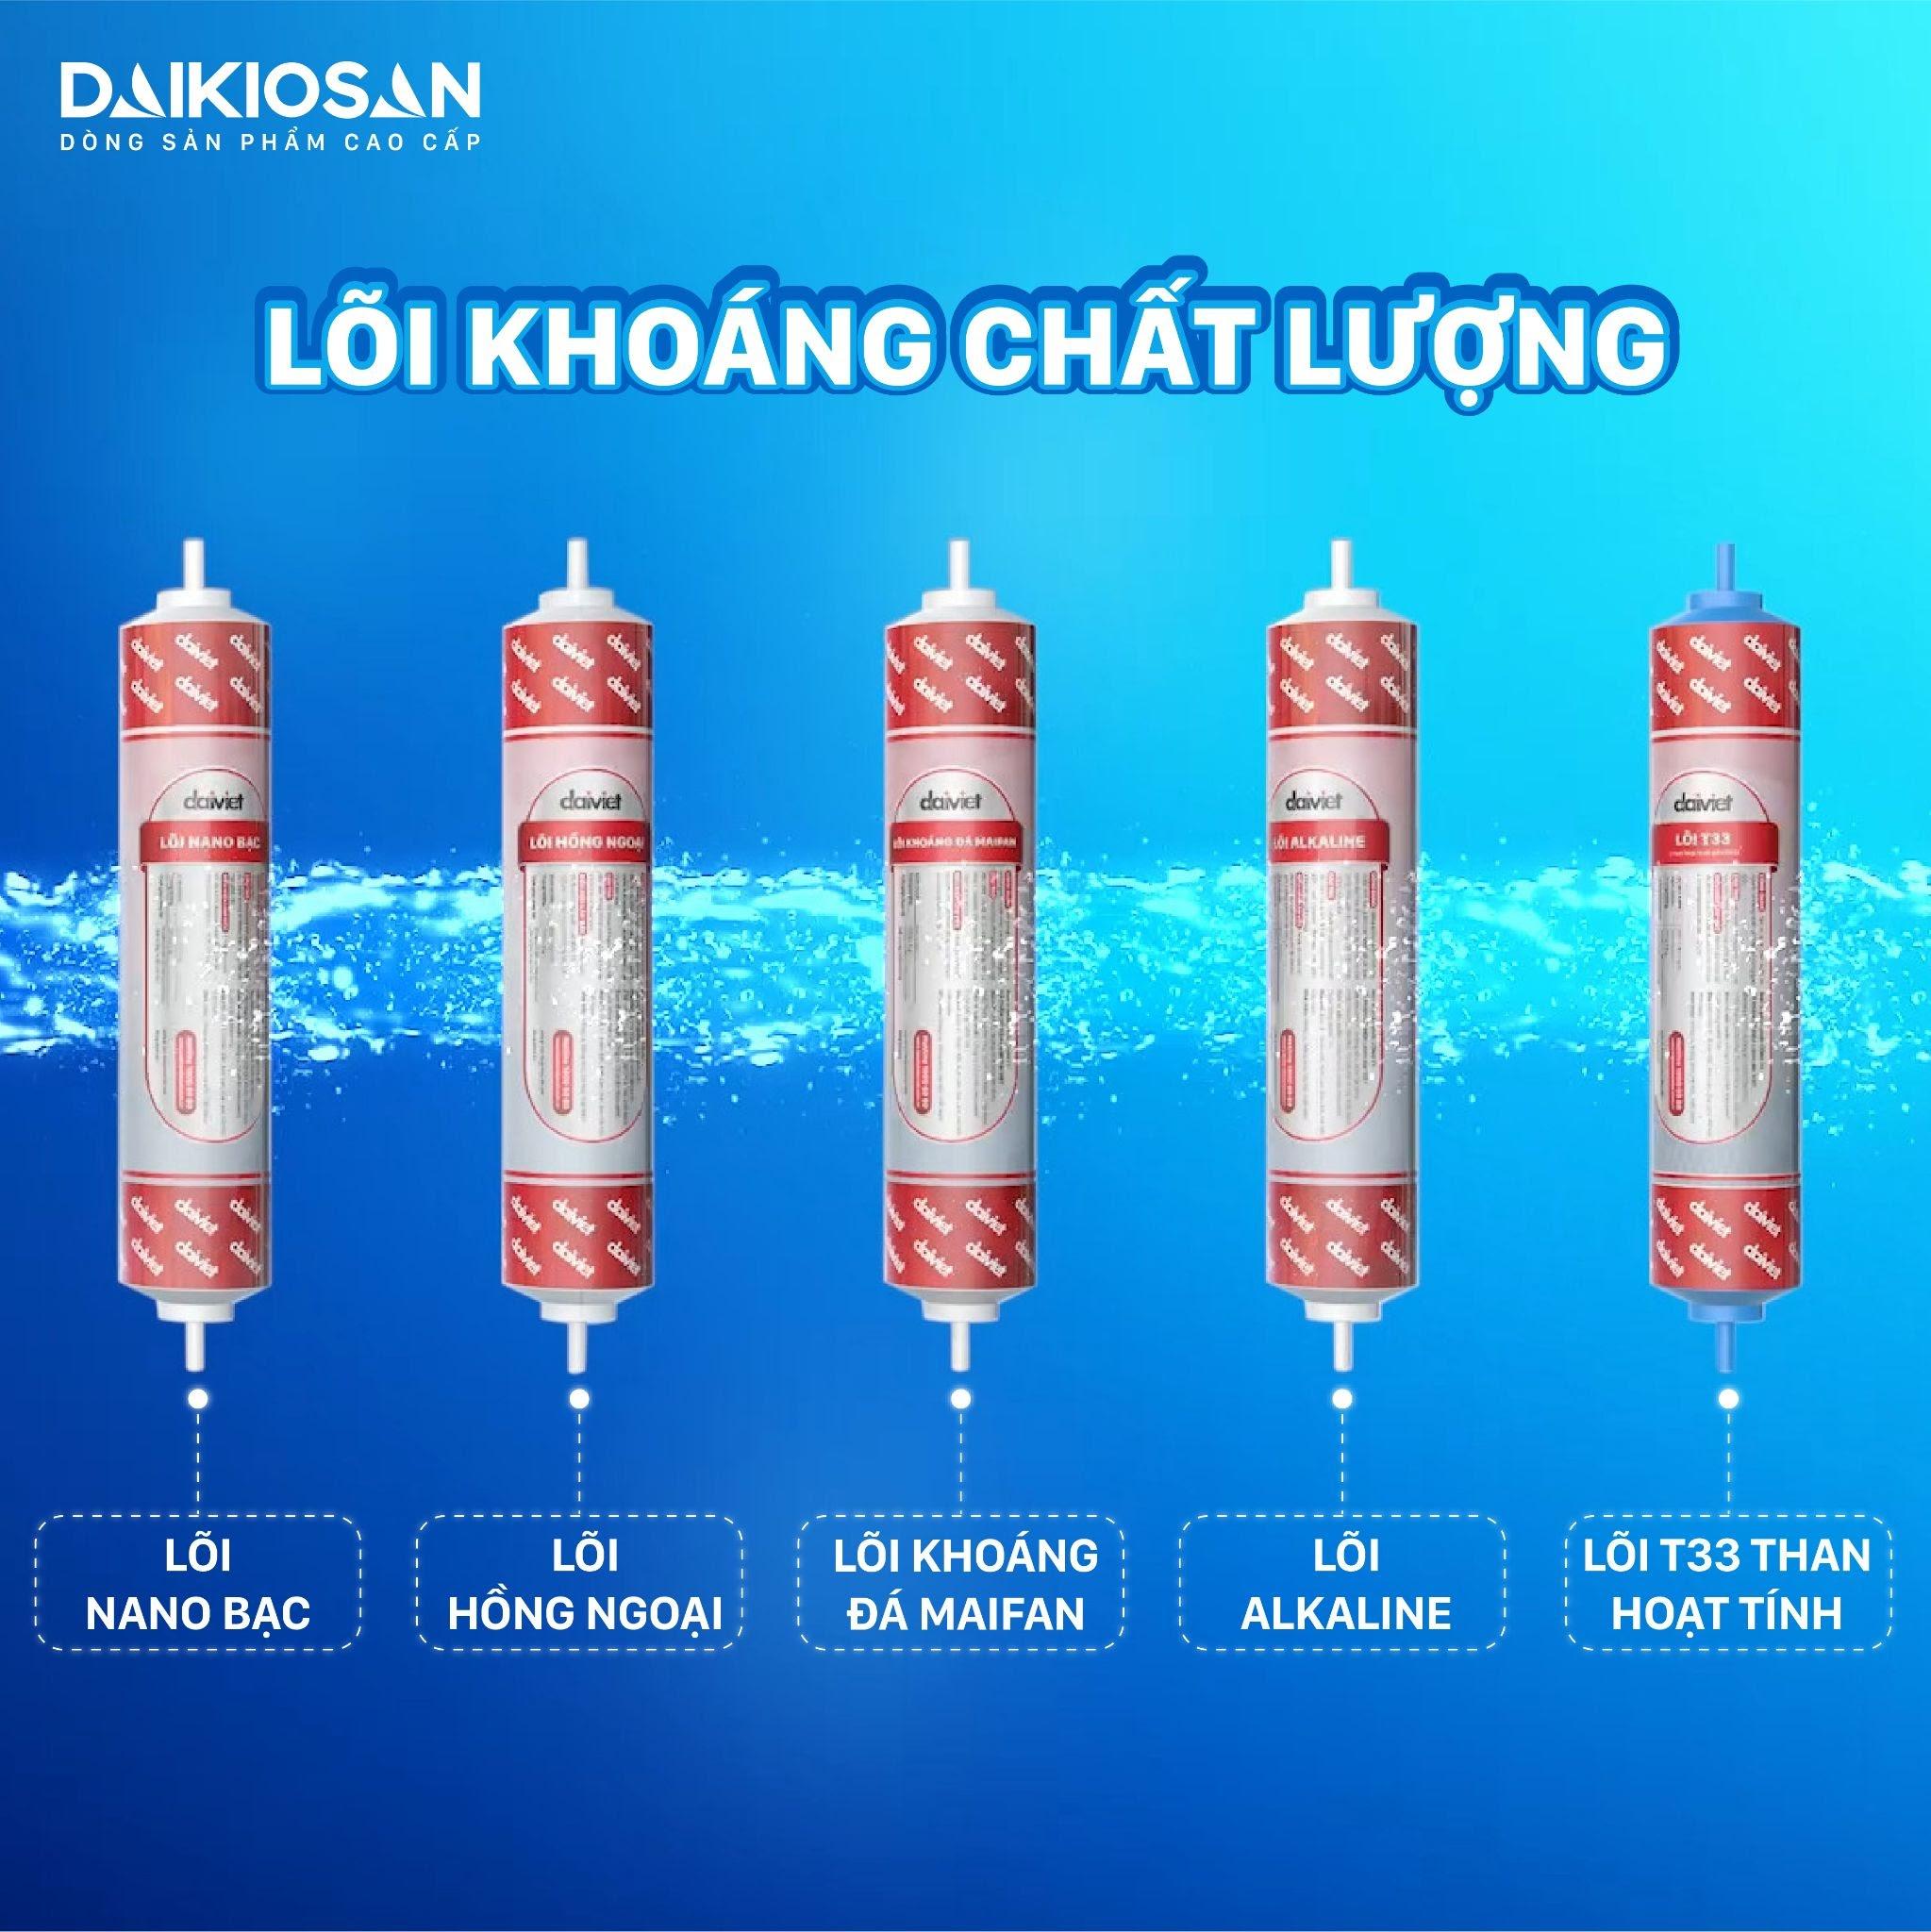 Lõi lọc nâng cấp được sản xuất bởi Đại Việt cho khả năng bù khoáng, tái nhiễm khuẩn cao